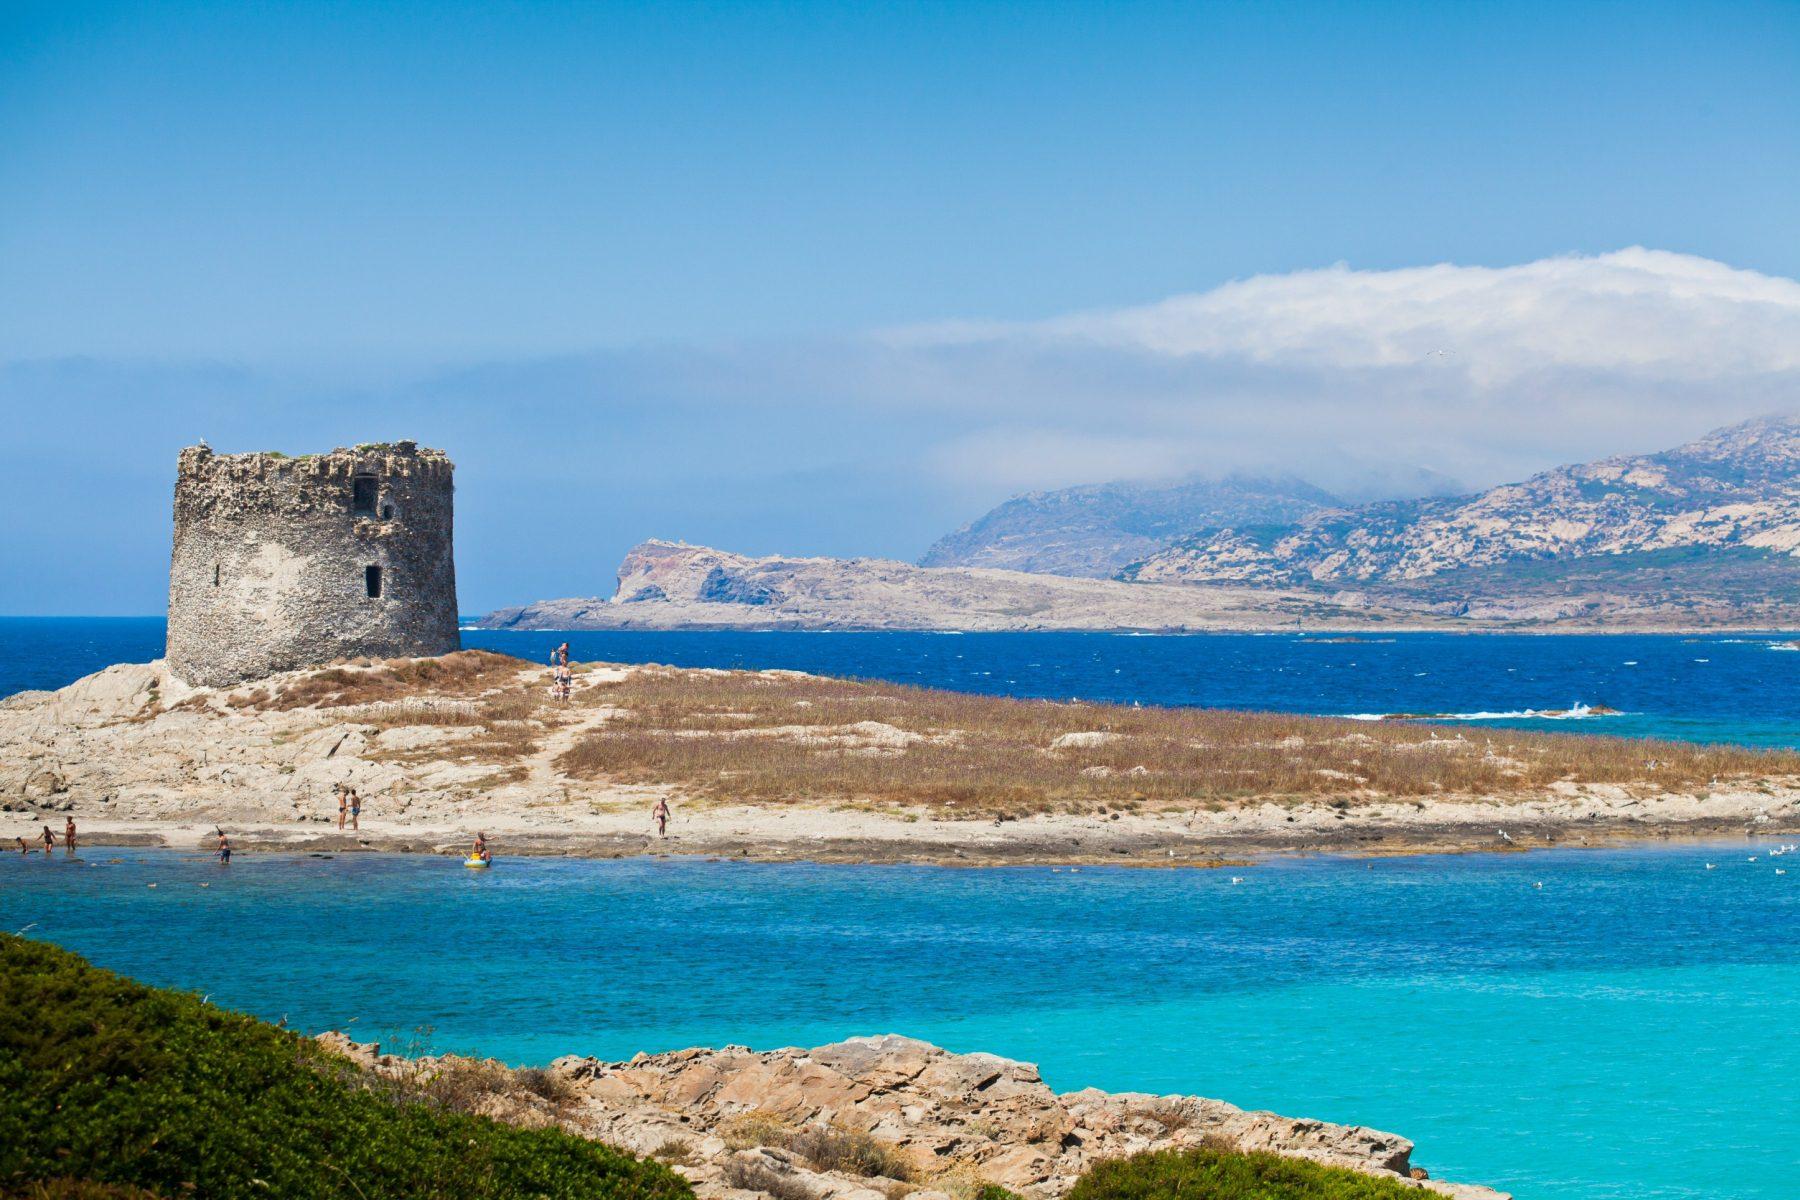 foto: Sardegna Turismo